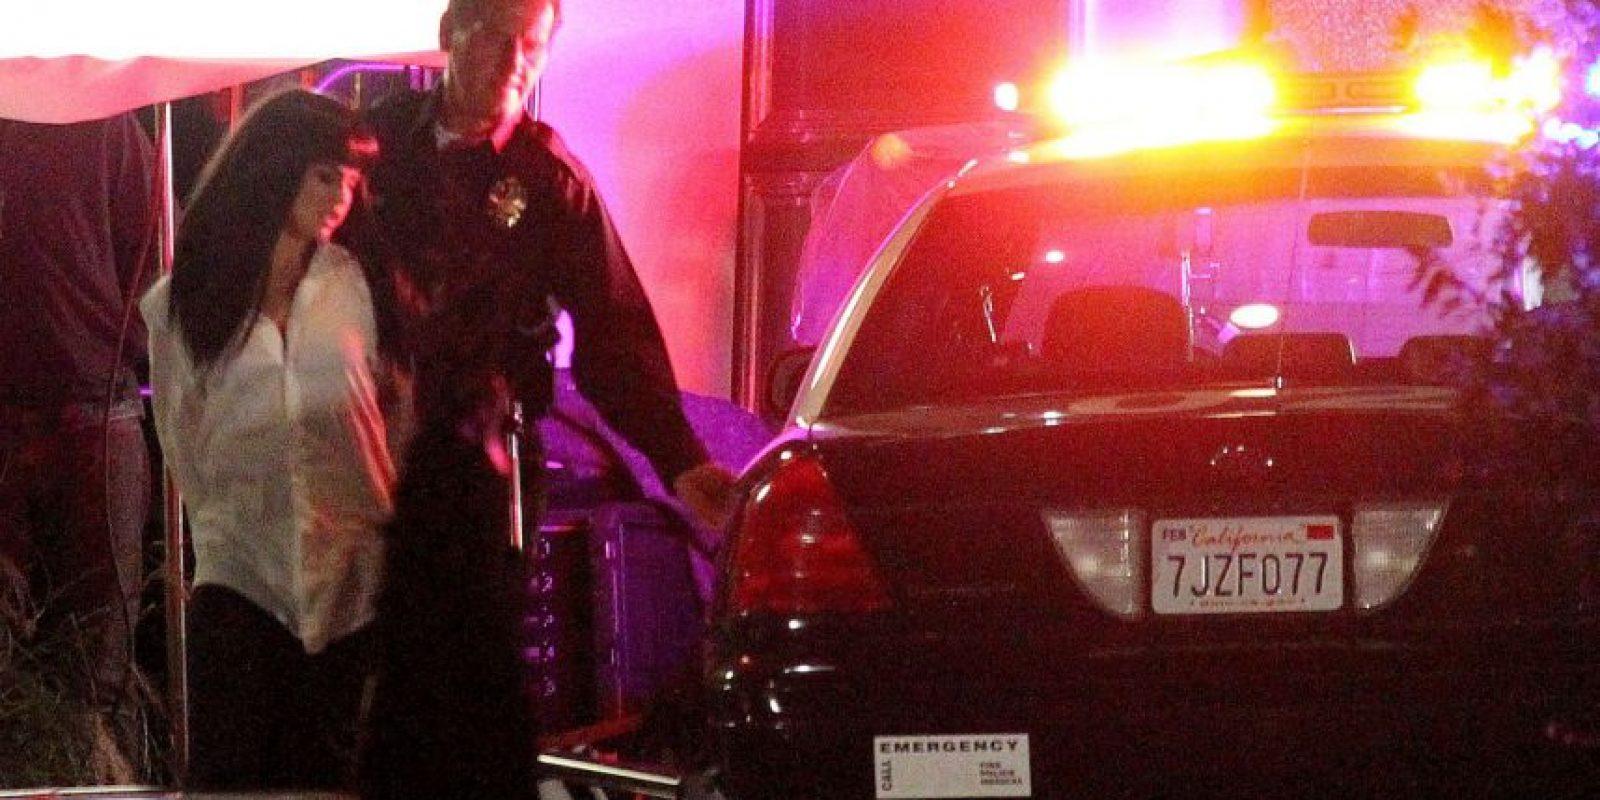 Finalmente es detenida por varios agentes. Foto:Grosby Group